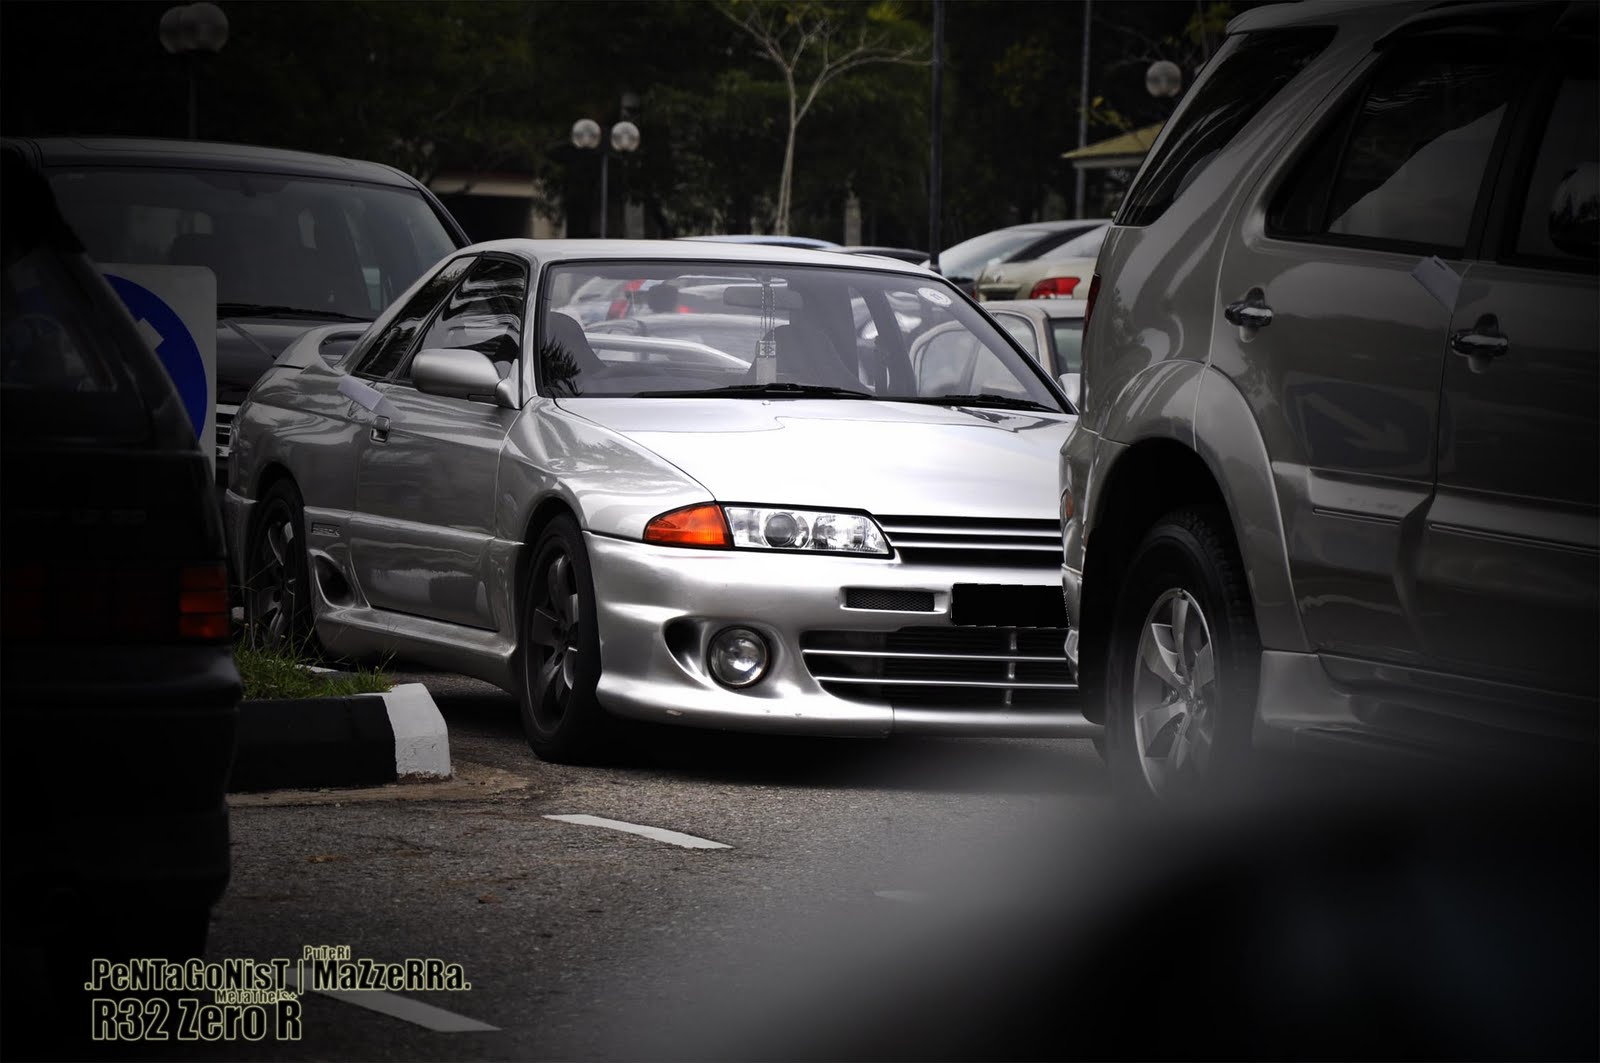 Brunei, Zero-R, HKS, Nissan Skyline, こくないせんようモデル, , billeder, nuotraukos, grianghraf, valokuvat